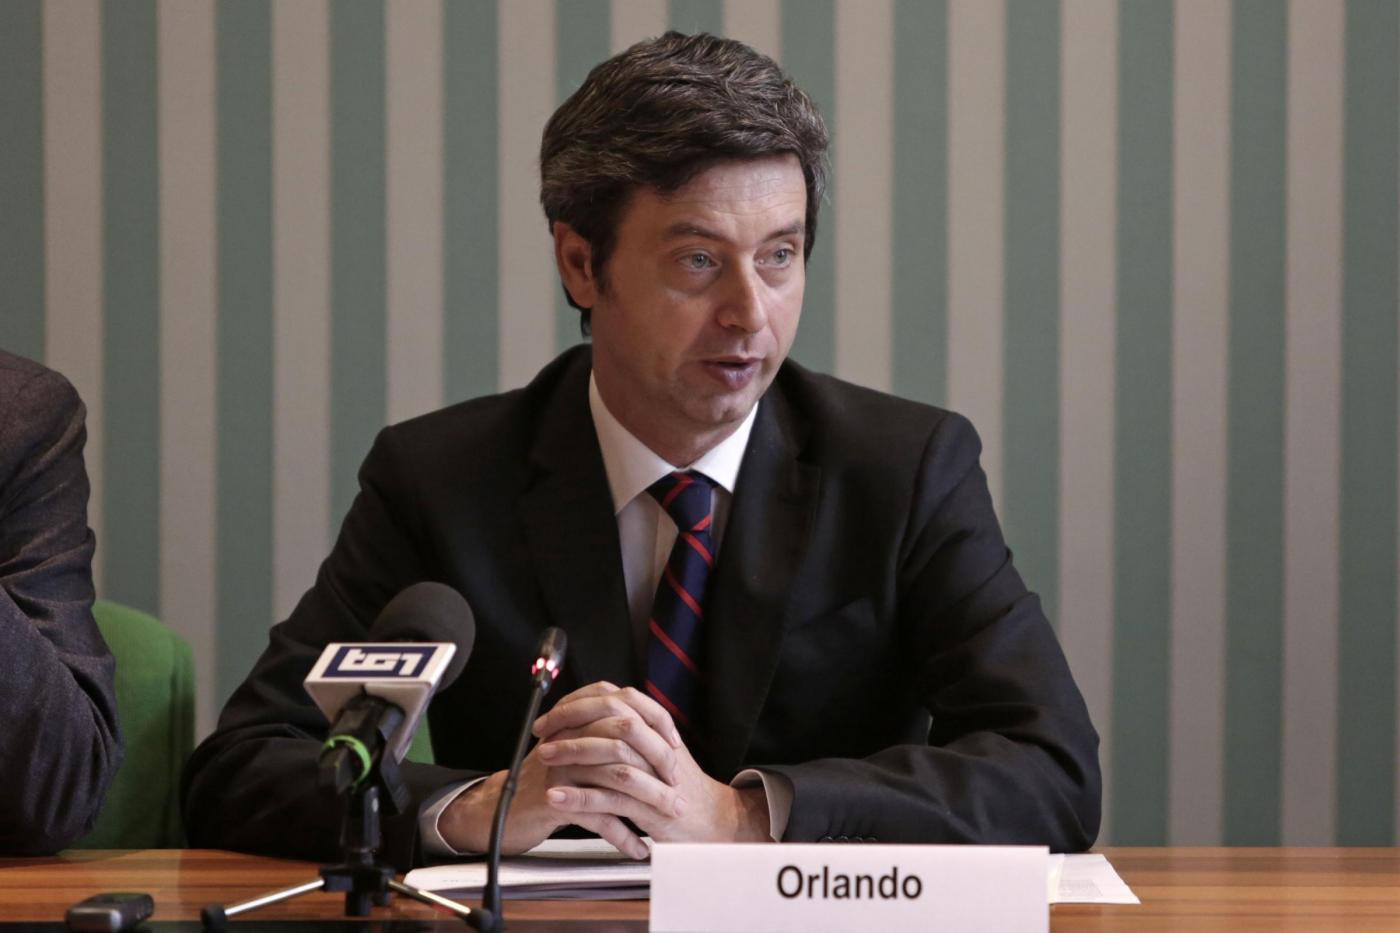 Presentazione degli Stati Generali sull'esecuzione penale